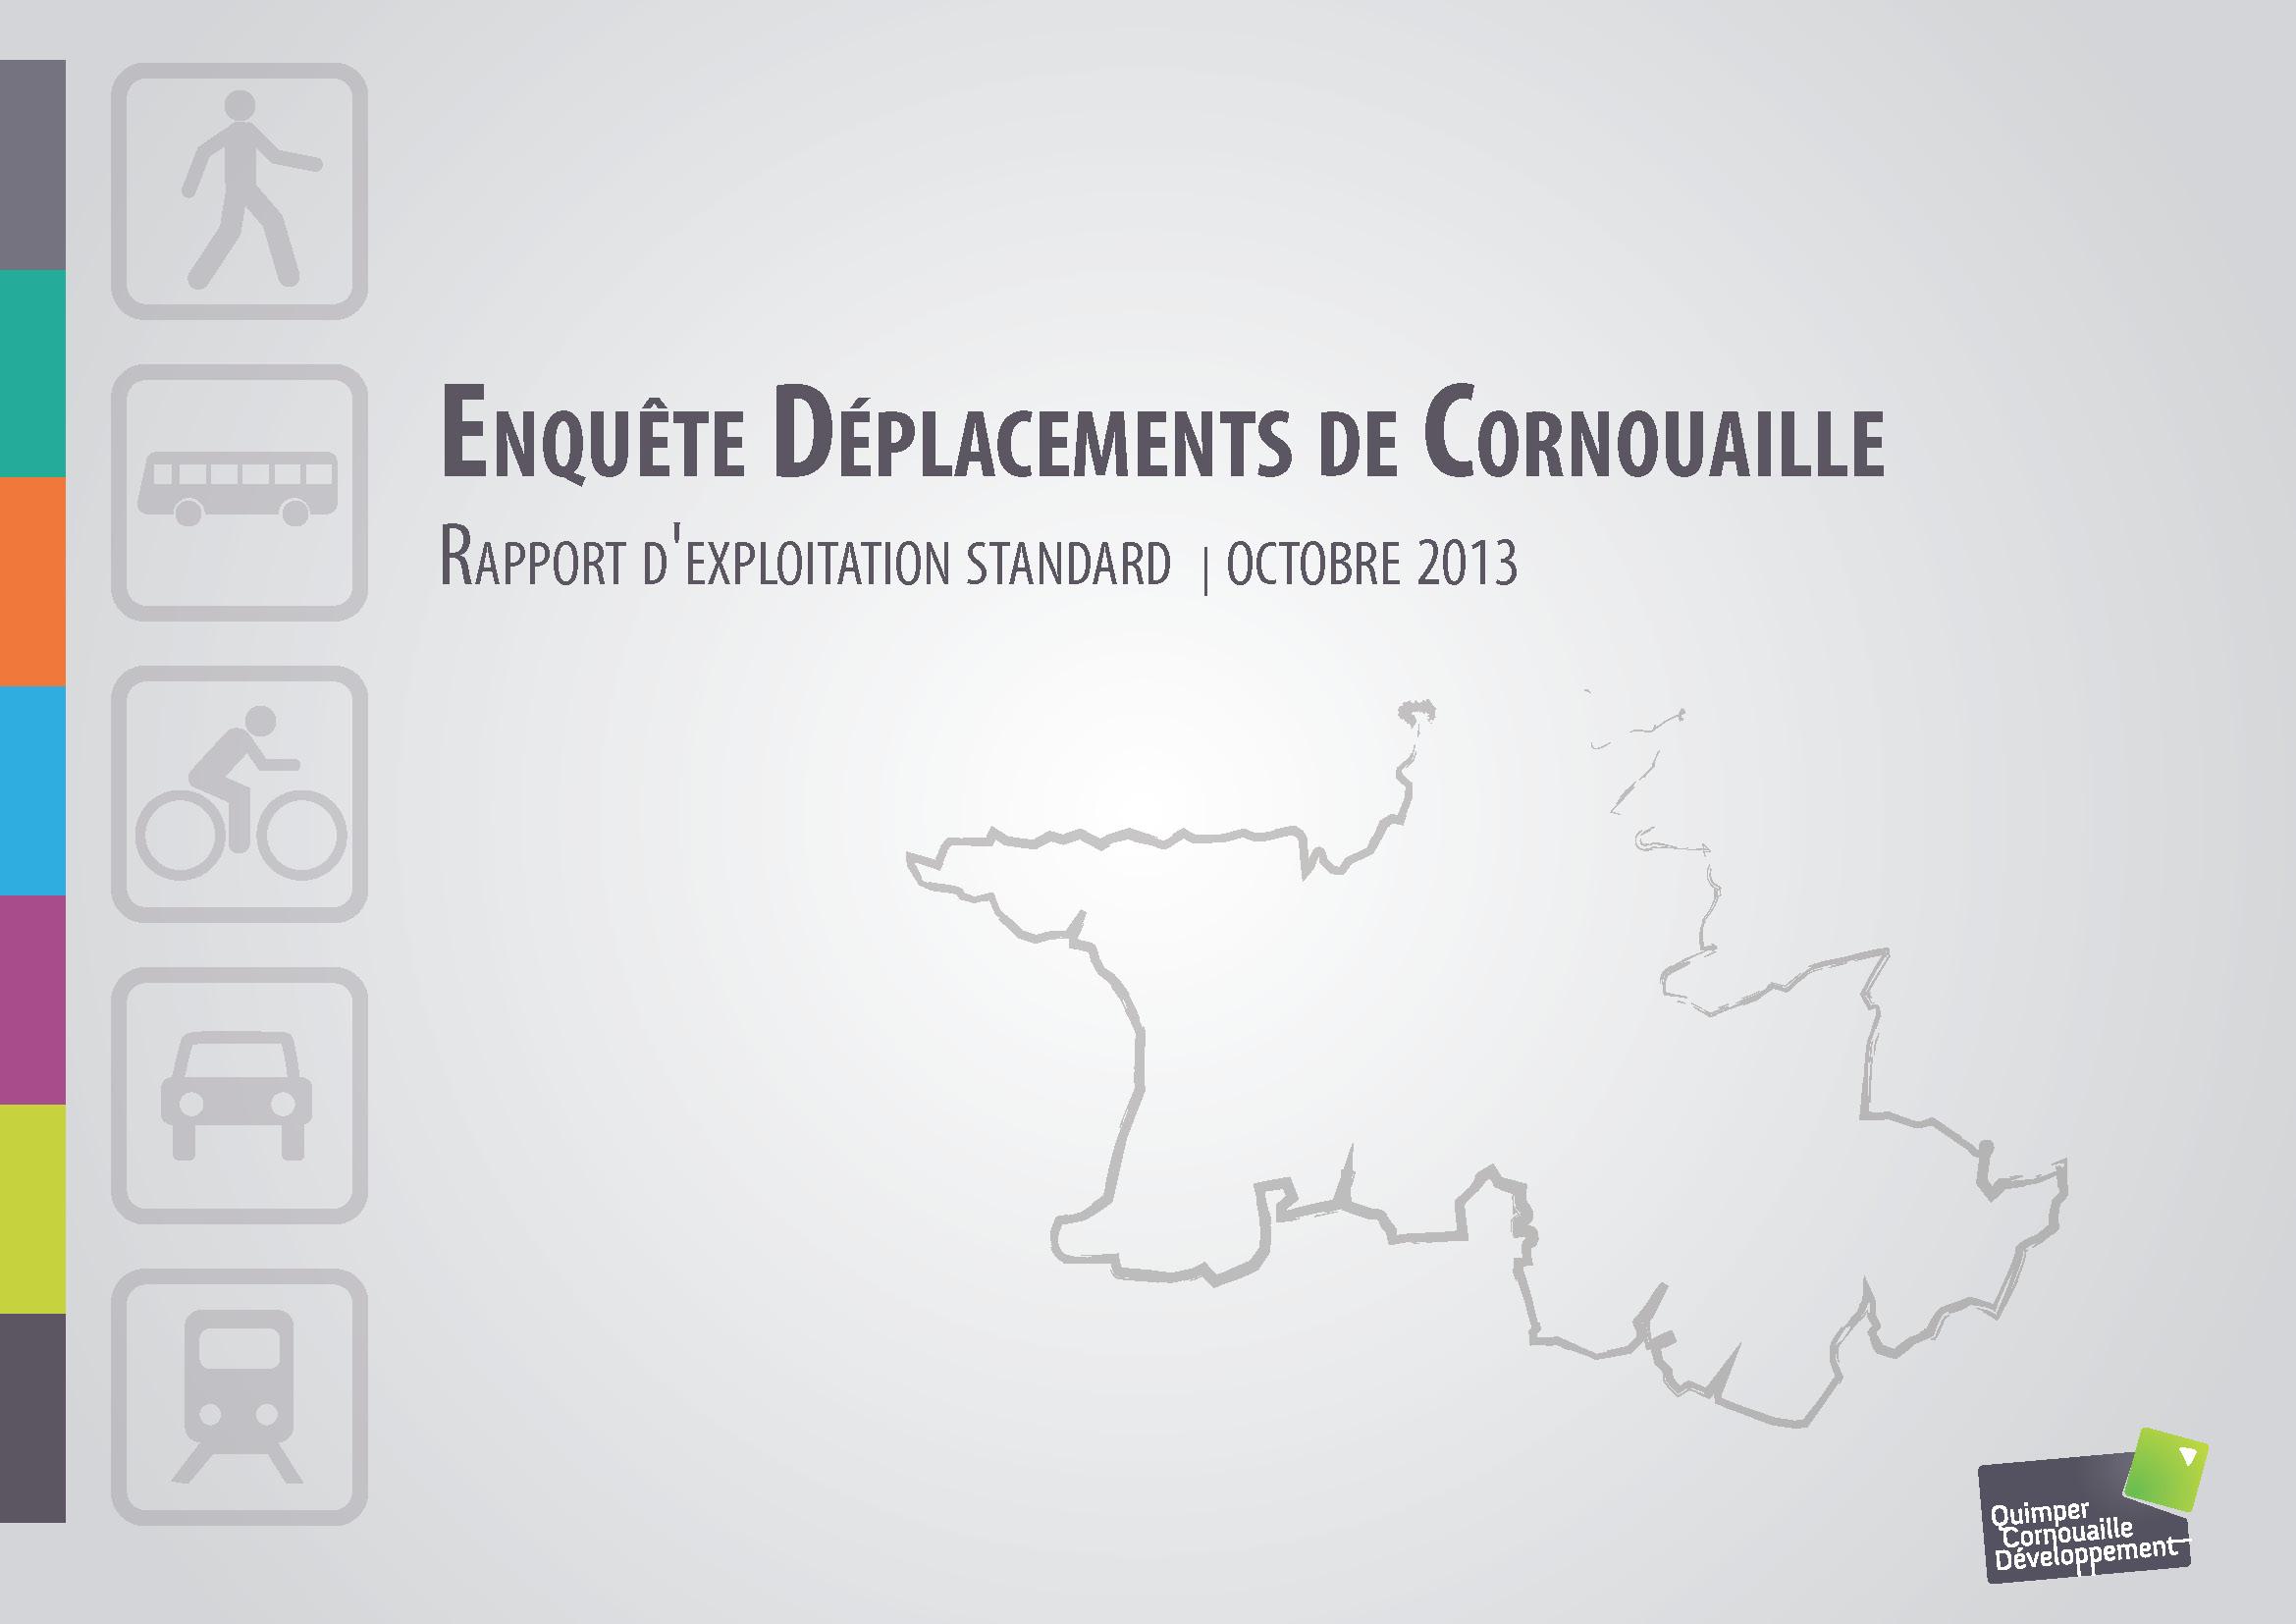 Enquête Déplacements de Cornouaille. Rapport d'exploitation standard. Octobre 2013